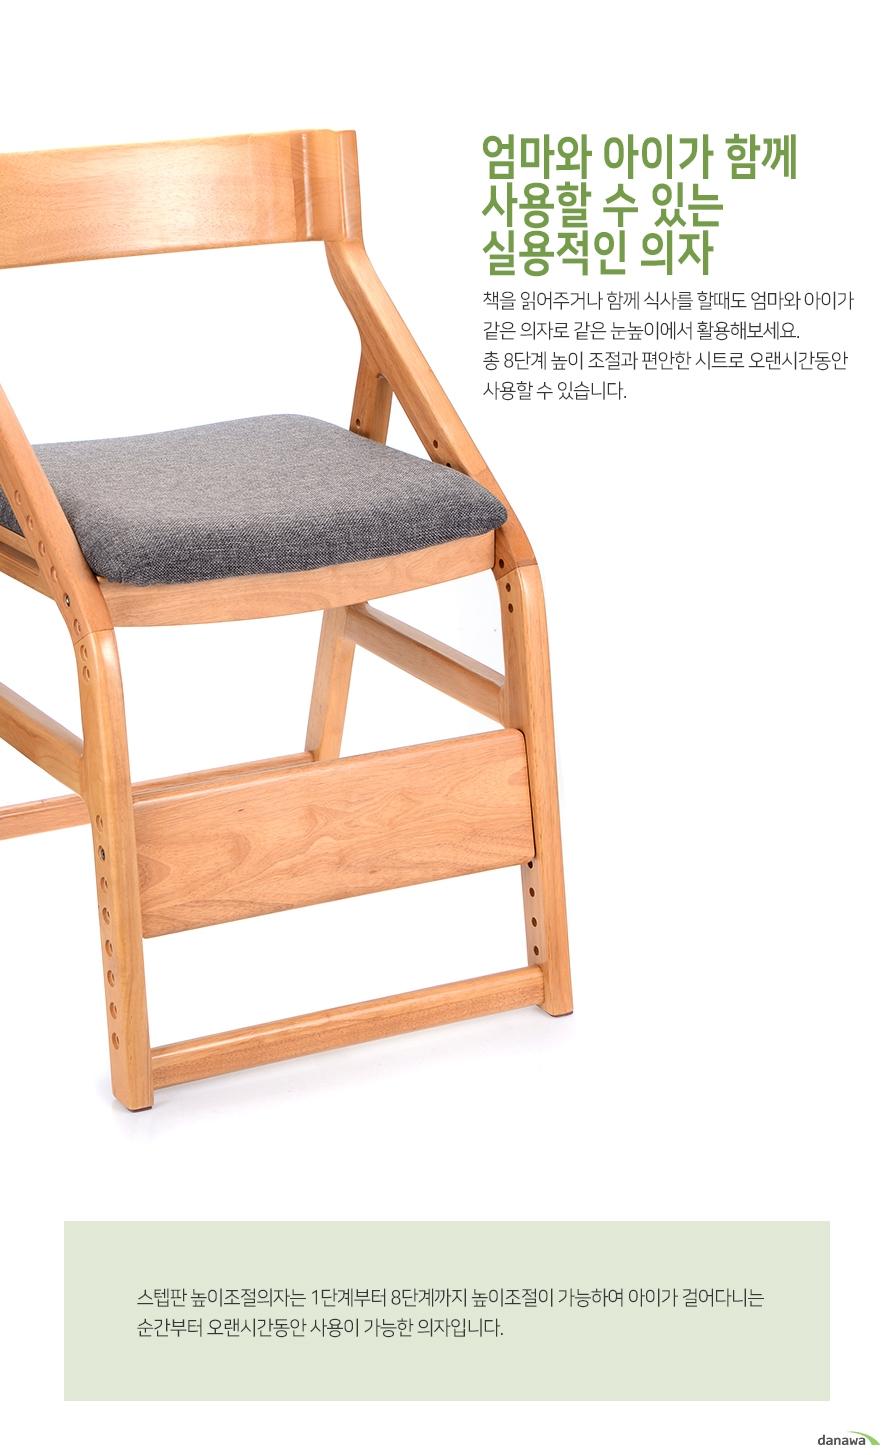 엄마와 아이가 함께 사용할 수 있는 실용적인 의자책을 읽어주거나 함께 식사를 할때도 엄마와 아이가 같은 의자로 같은 눈높이에서 활용해보세요.총 8단계 높이 조절과 편안한 시트로 오랜시간동안 사용할 수 있습니다.스텝판 높이조절의자는 1단계부터 8단계까지 높이조절이 가능하여 아이가 걸어다니는순간부터 오랜시간동안 사용이 가능한 의자입니다.